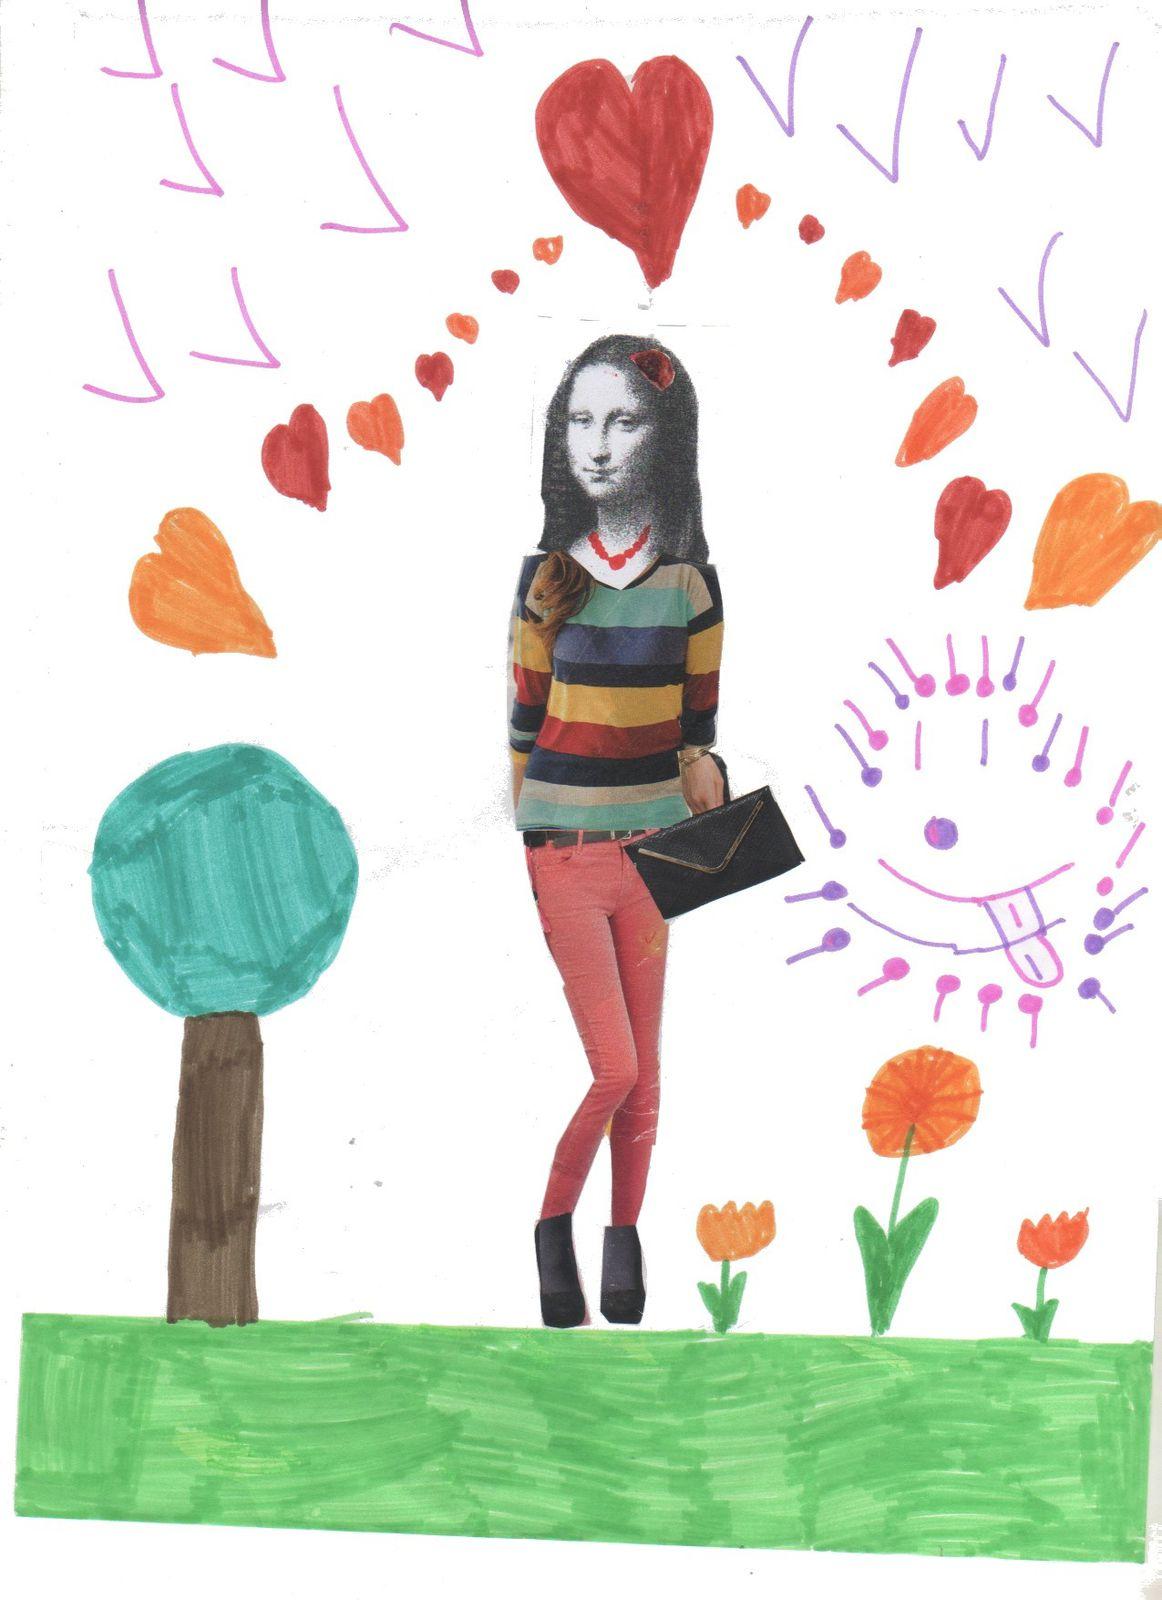 Arts: détourner une oeuvre, La Joconde à la mode